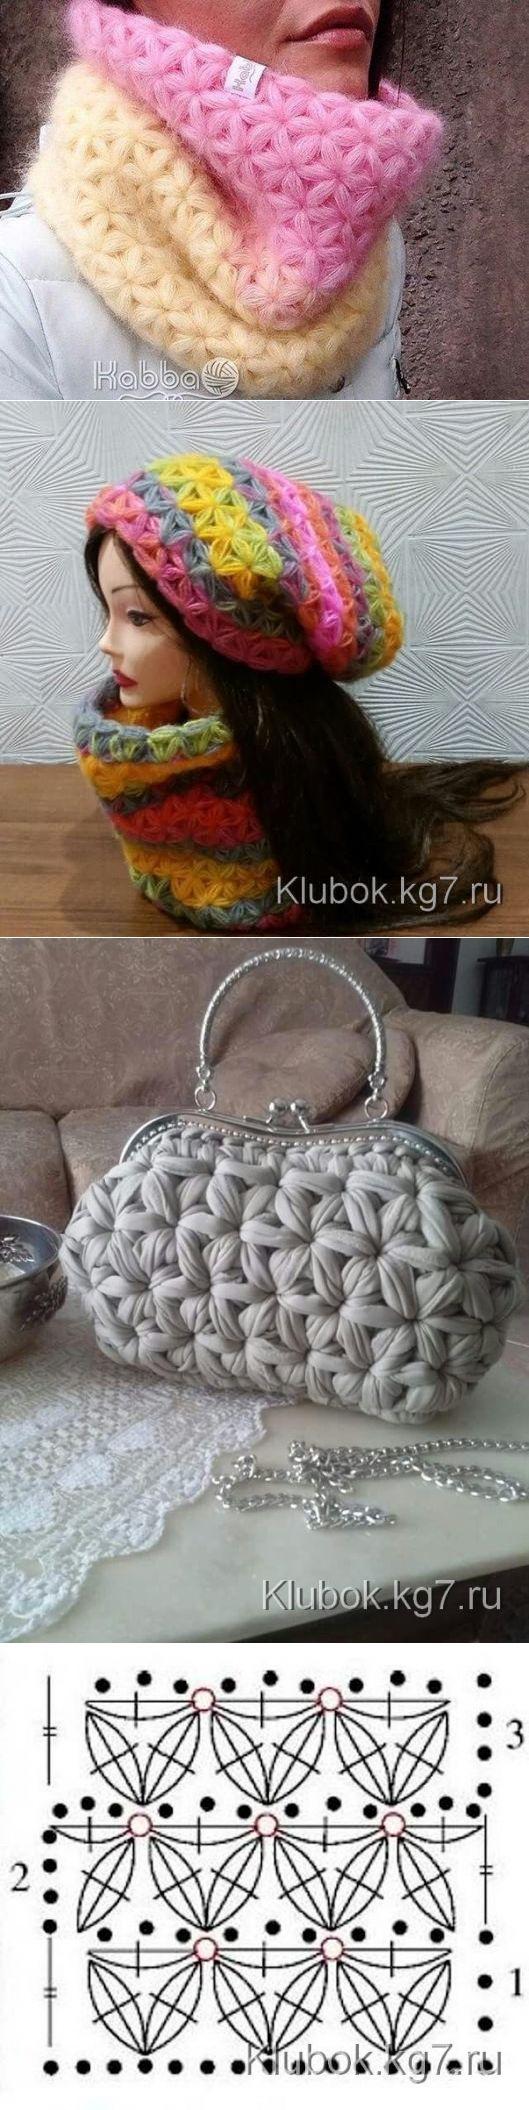 Вязание крючком для женщин